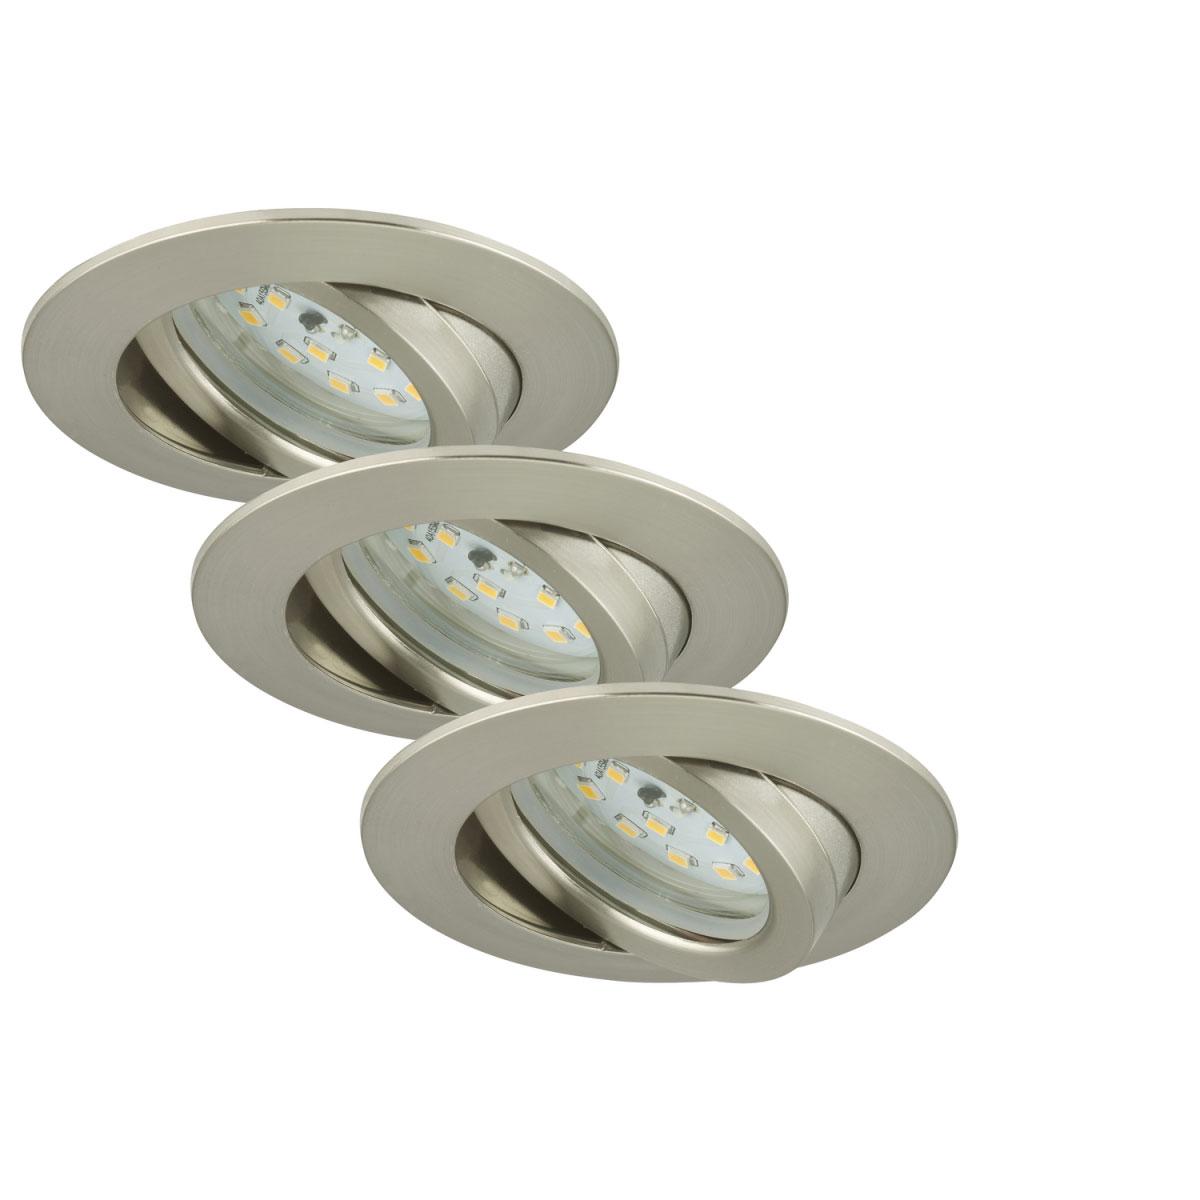 Deckenleuchten - LED Einbauleuchte 3er Set, schwenkbar, matt nickel  - Onlineshop Hellweg